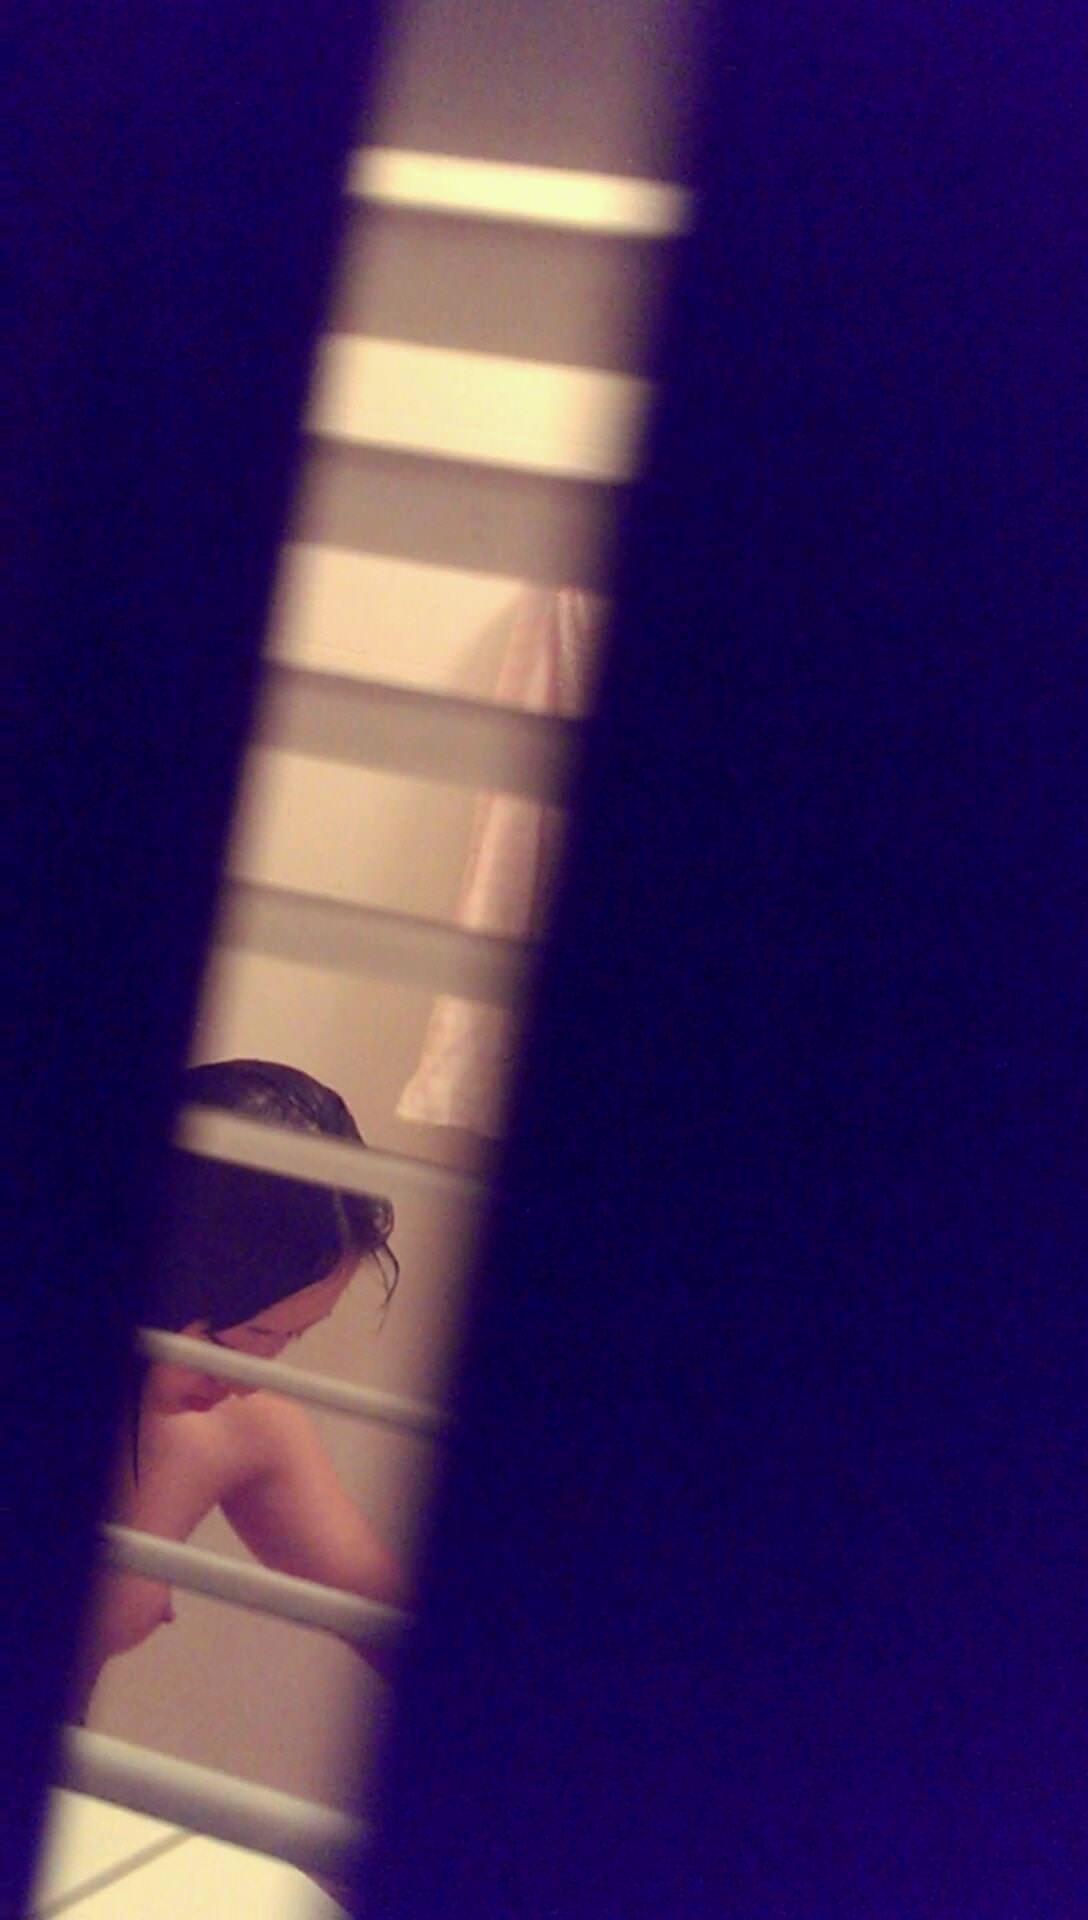 ワイの妻を家庭内でガチ盗み撮りwwwお風呂タイムがマジで狙い目www 0414